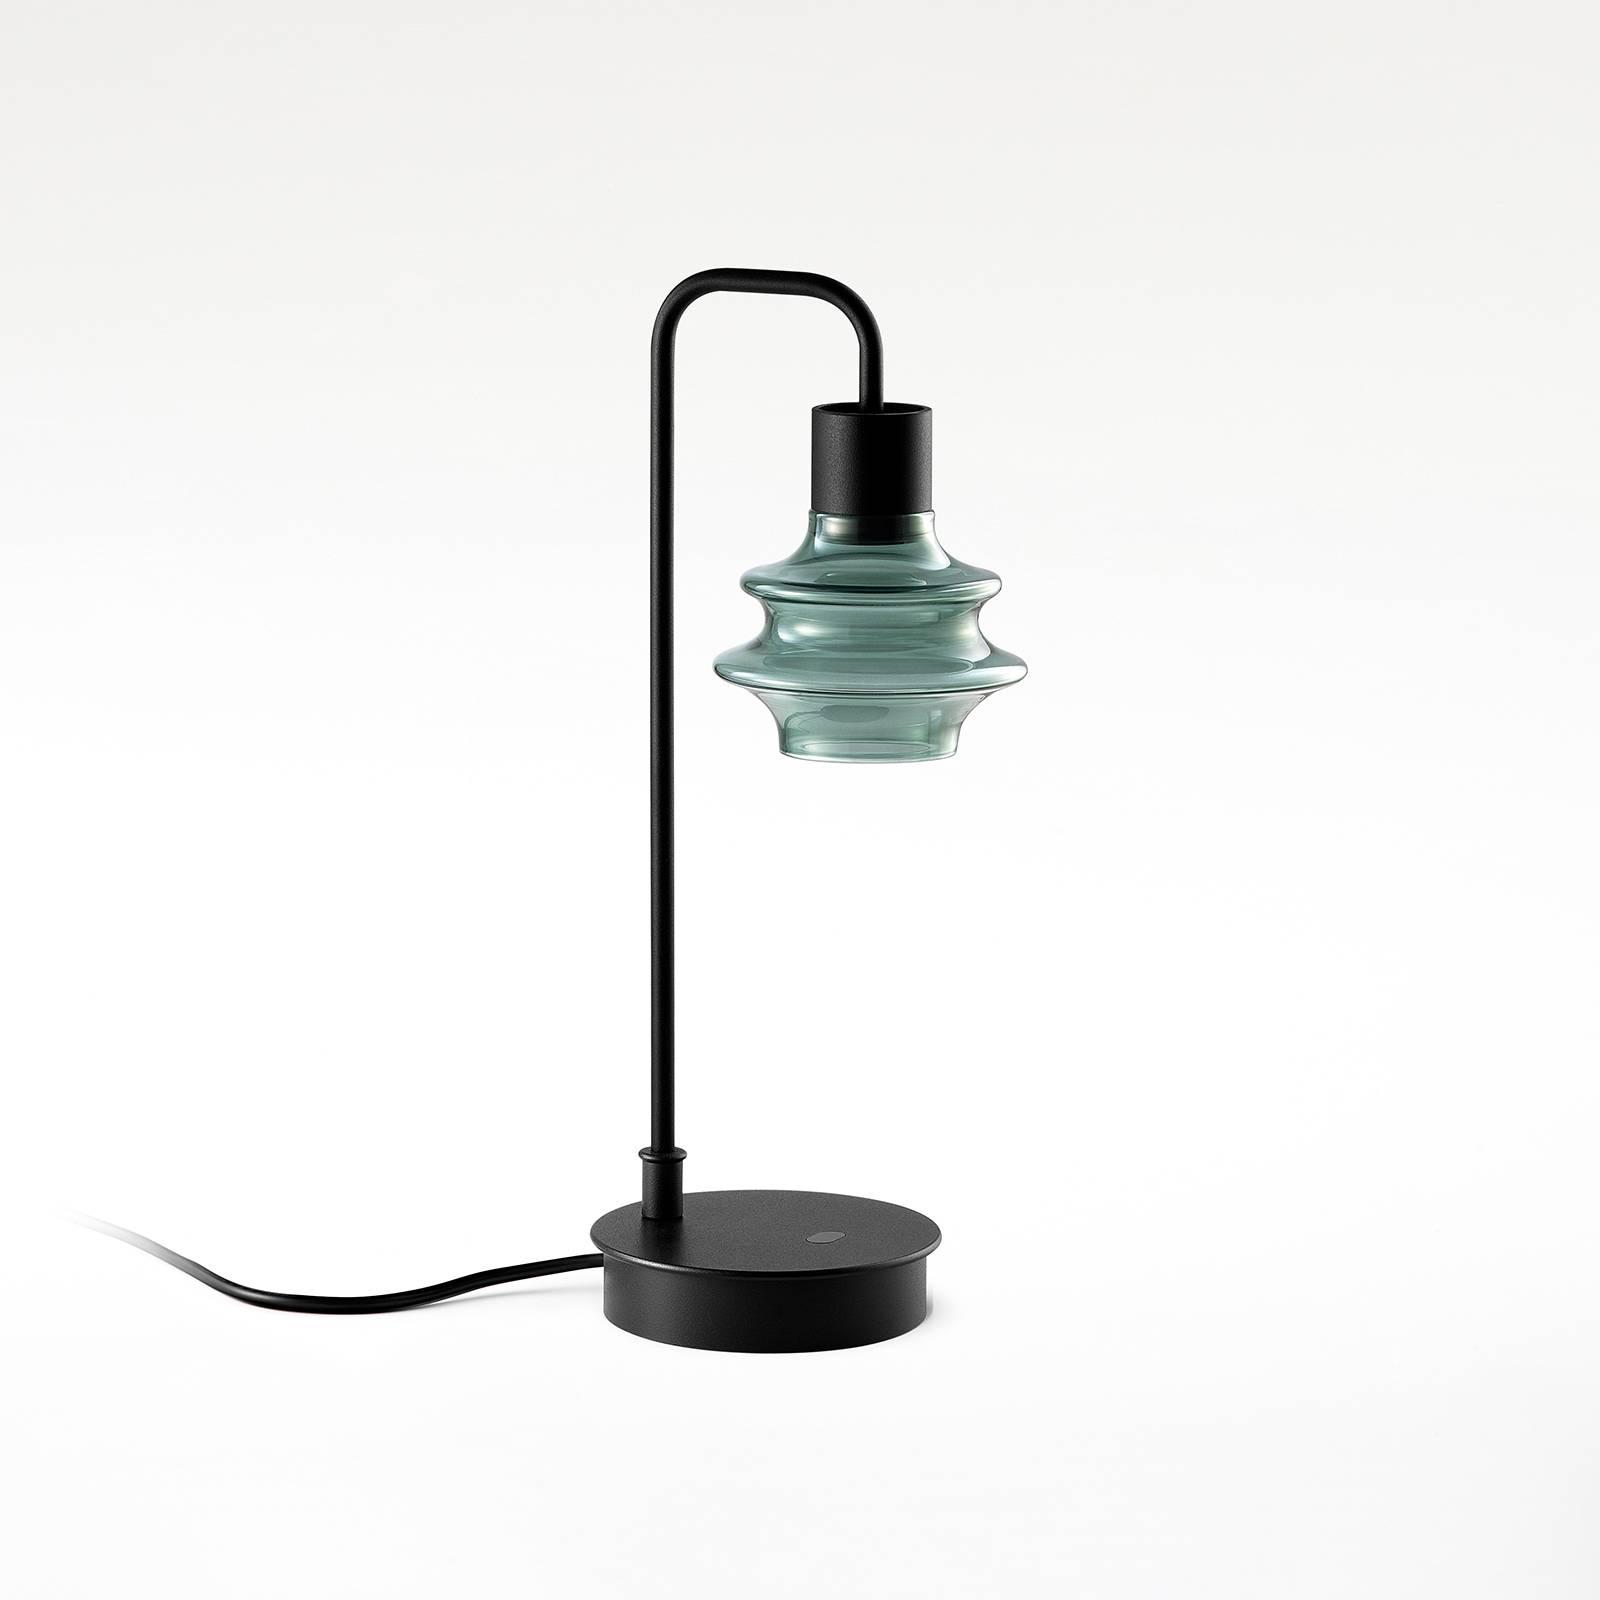 Bover Drop M/36 LED tafellamp groen